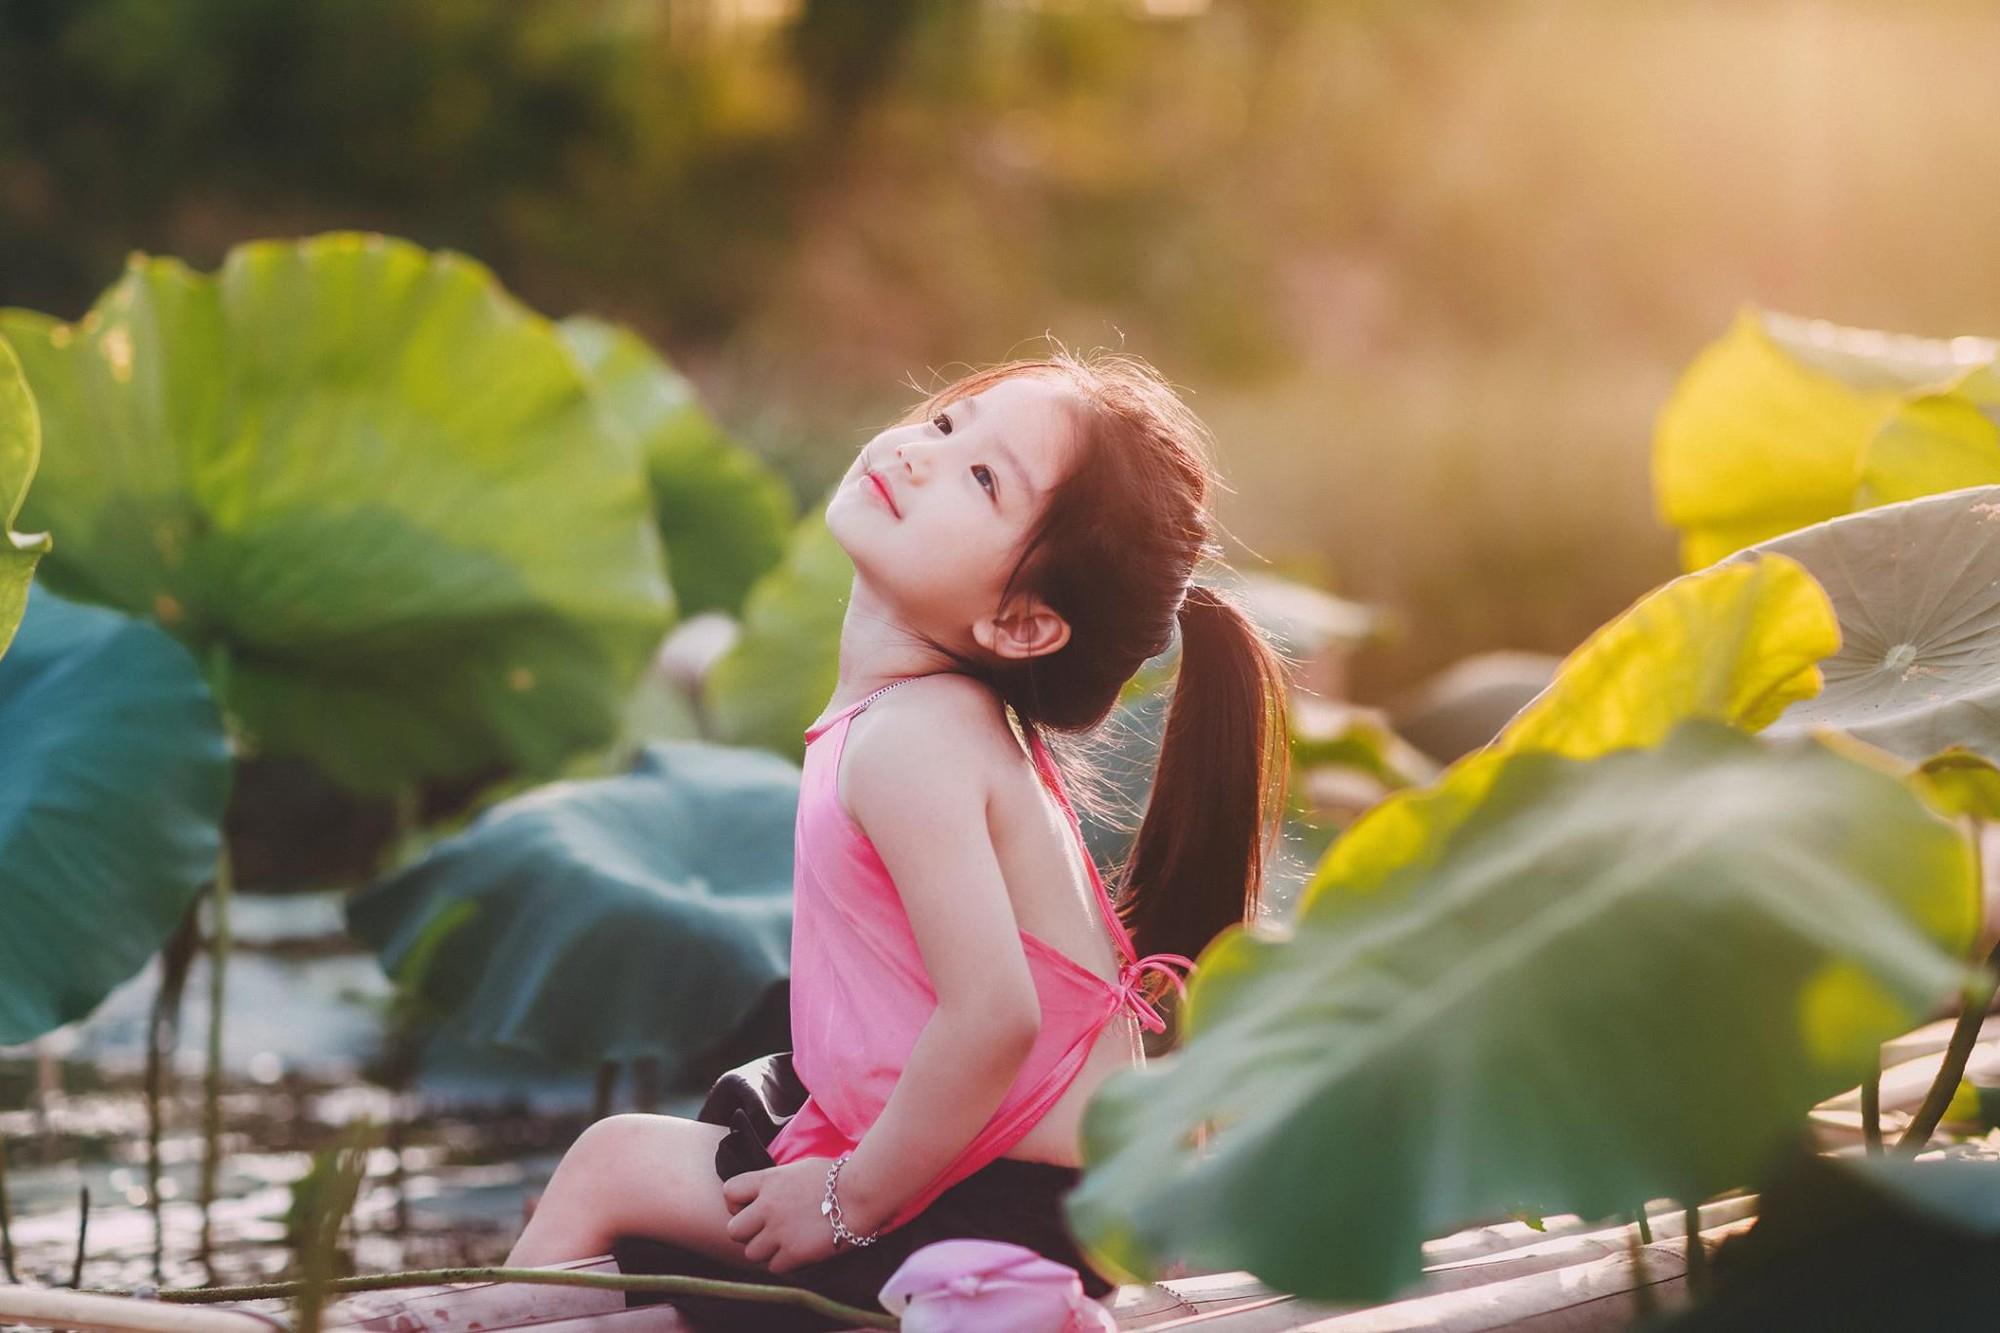 """Giữa """"cơn bão"""" tranh cãi về trào lưu chụp ảnh ở hồ sen, bộ ảnh em bé với hoa sen trong trẻo khiến các mẹ mê mẩn - Ảnh 6."""